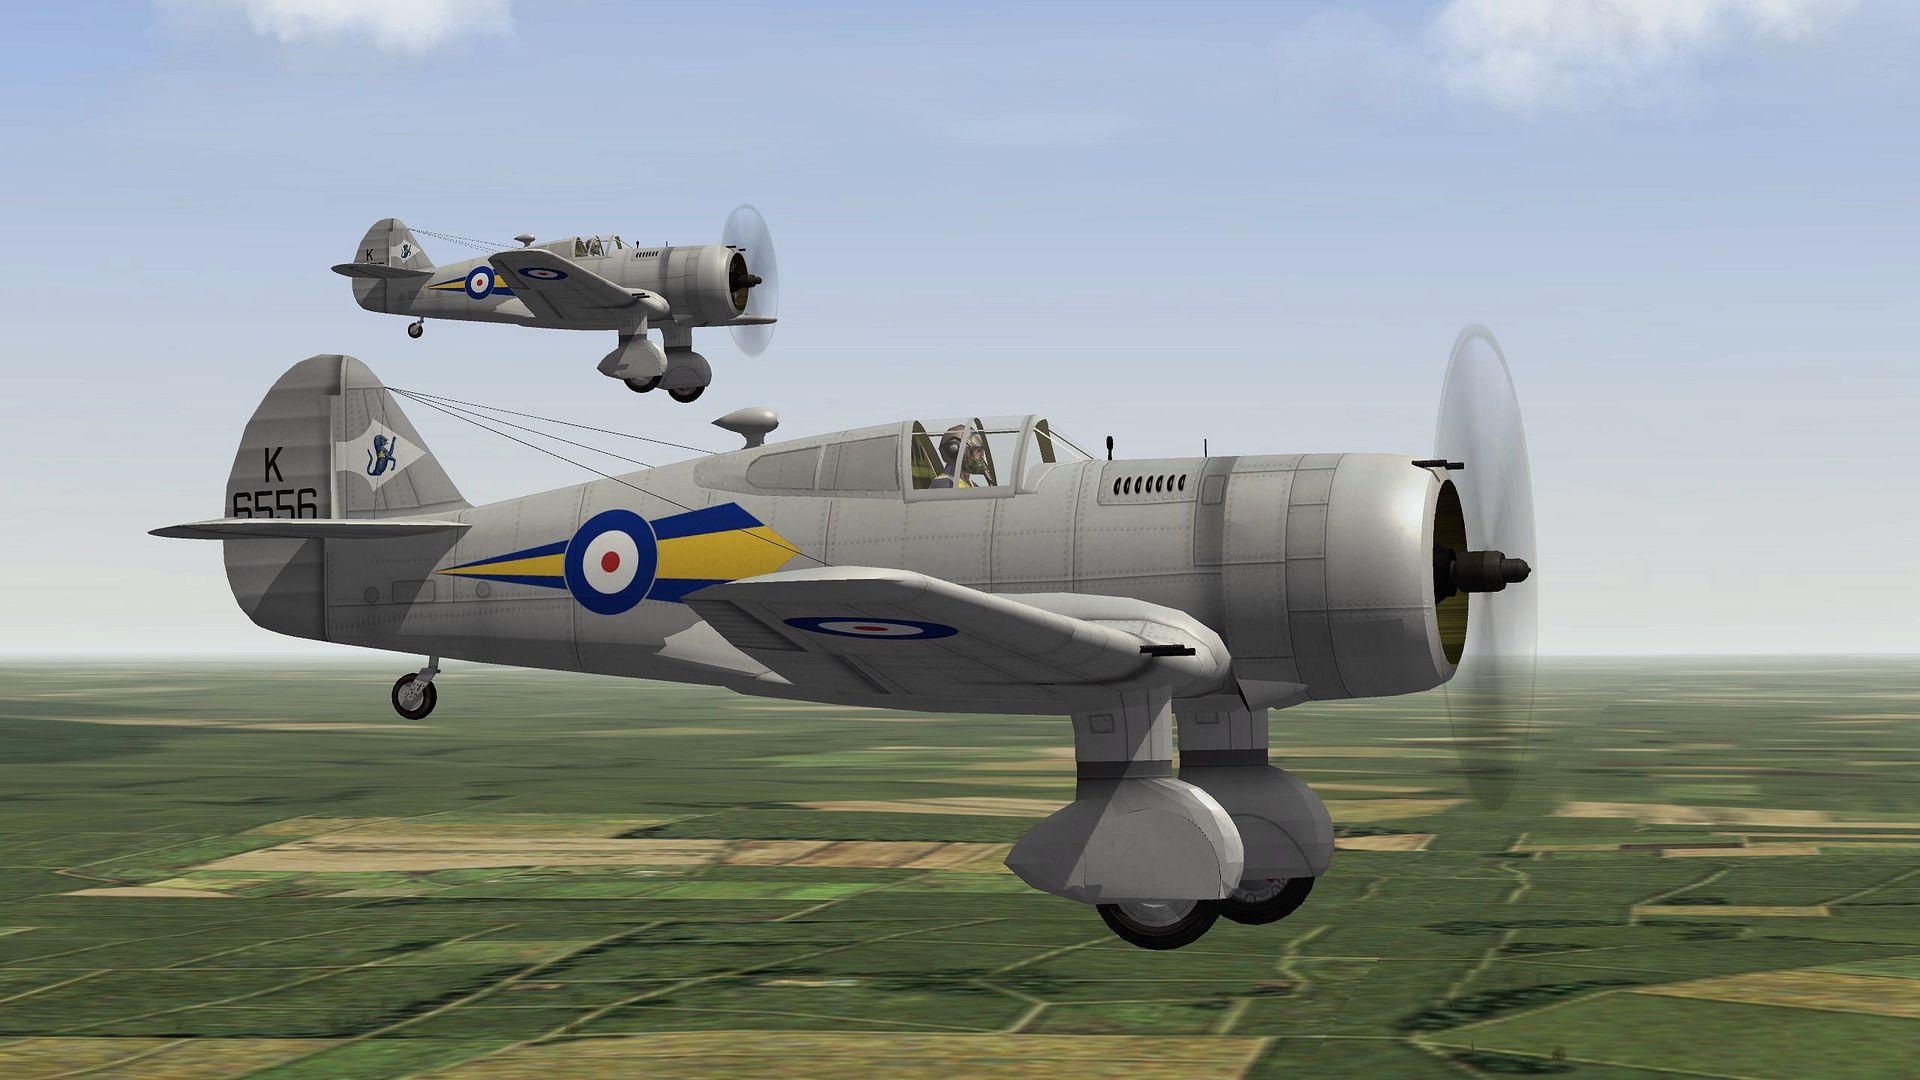 RAF%20BUCKLEY.02_zps0otufebg.jpg